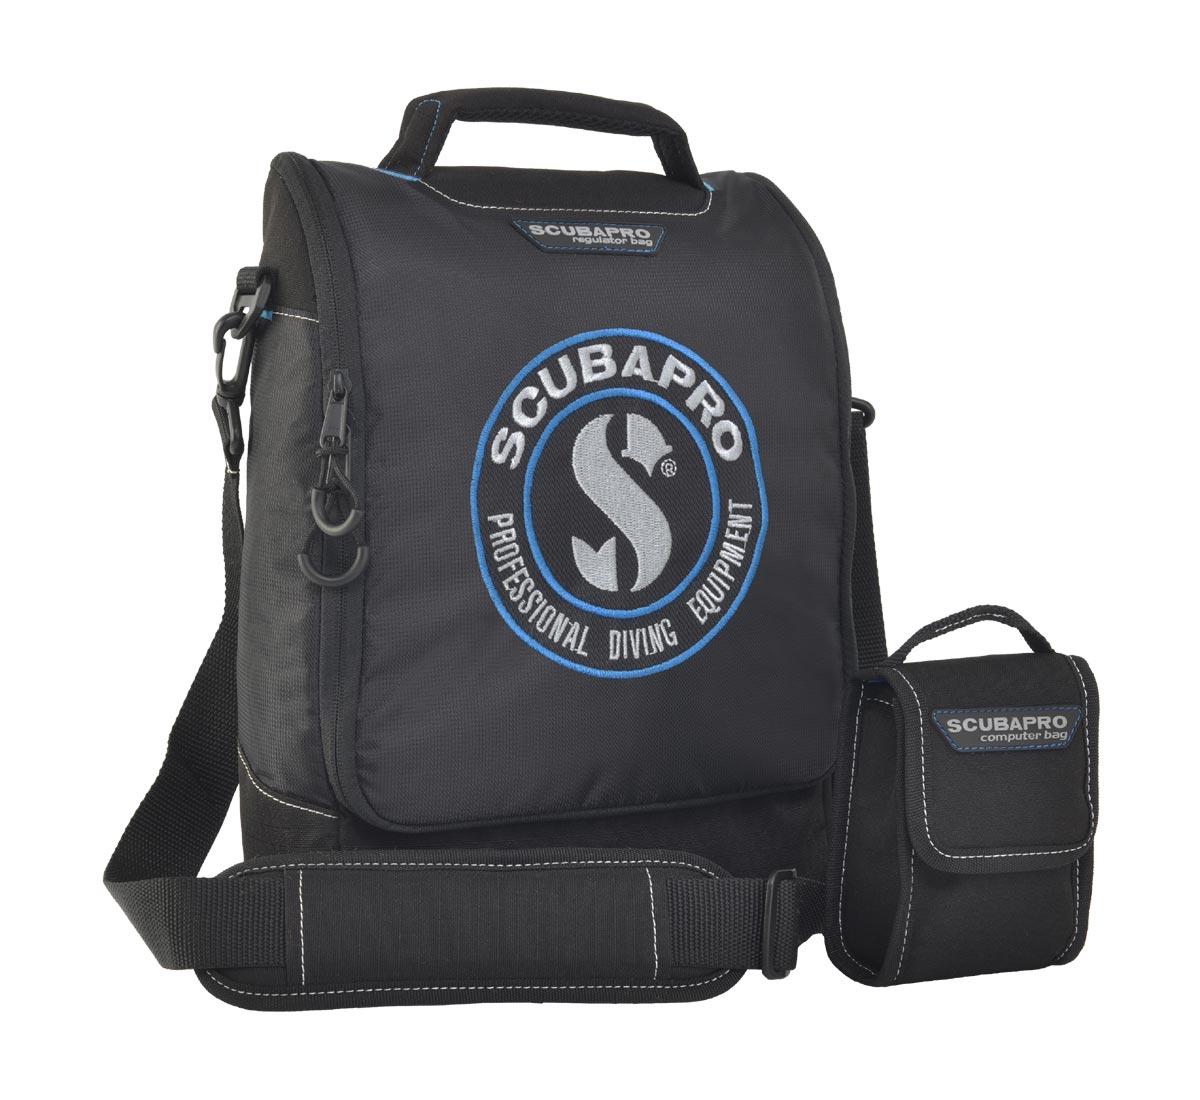 Комплект от 2 чанти за водолазни регулатори и за водолазен компютър REGULATOR and COMPUTER BAG - Scubapro